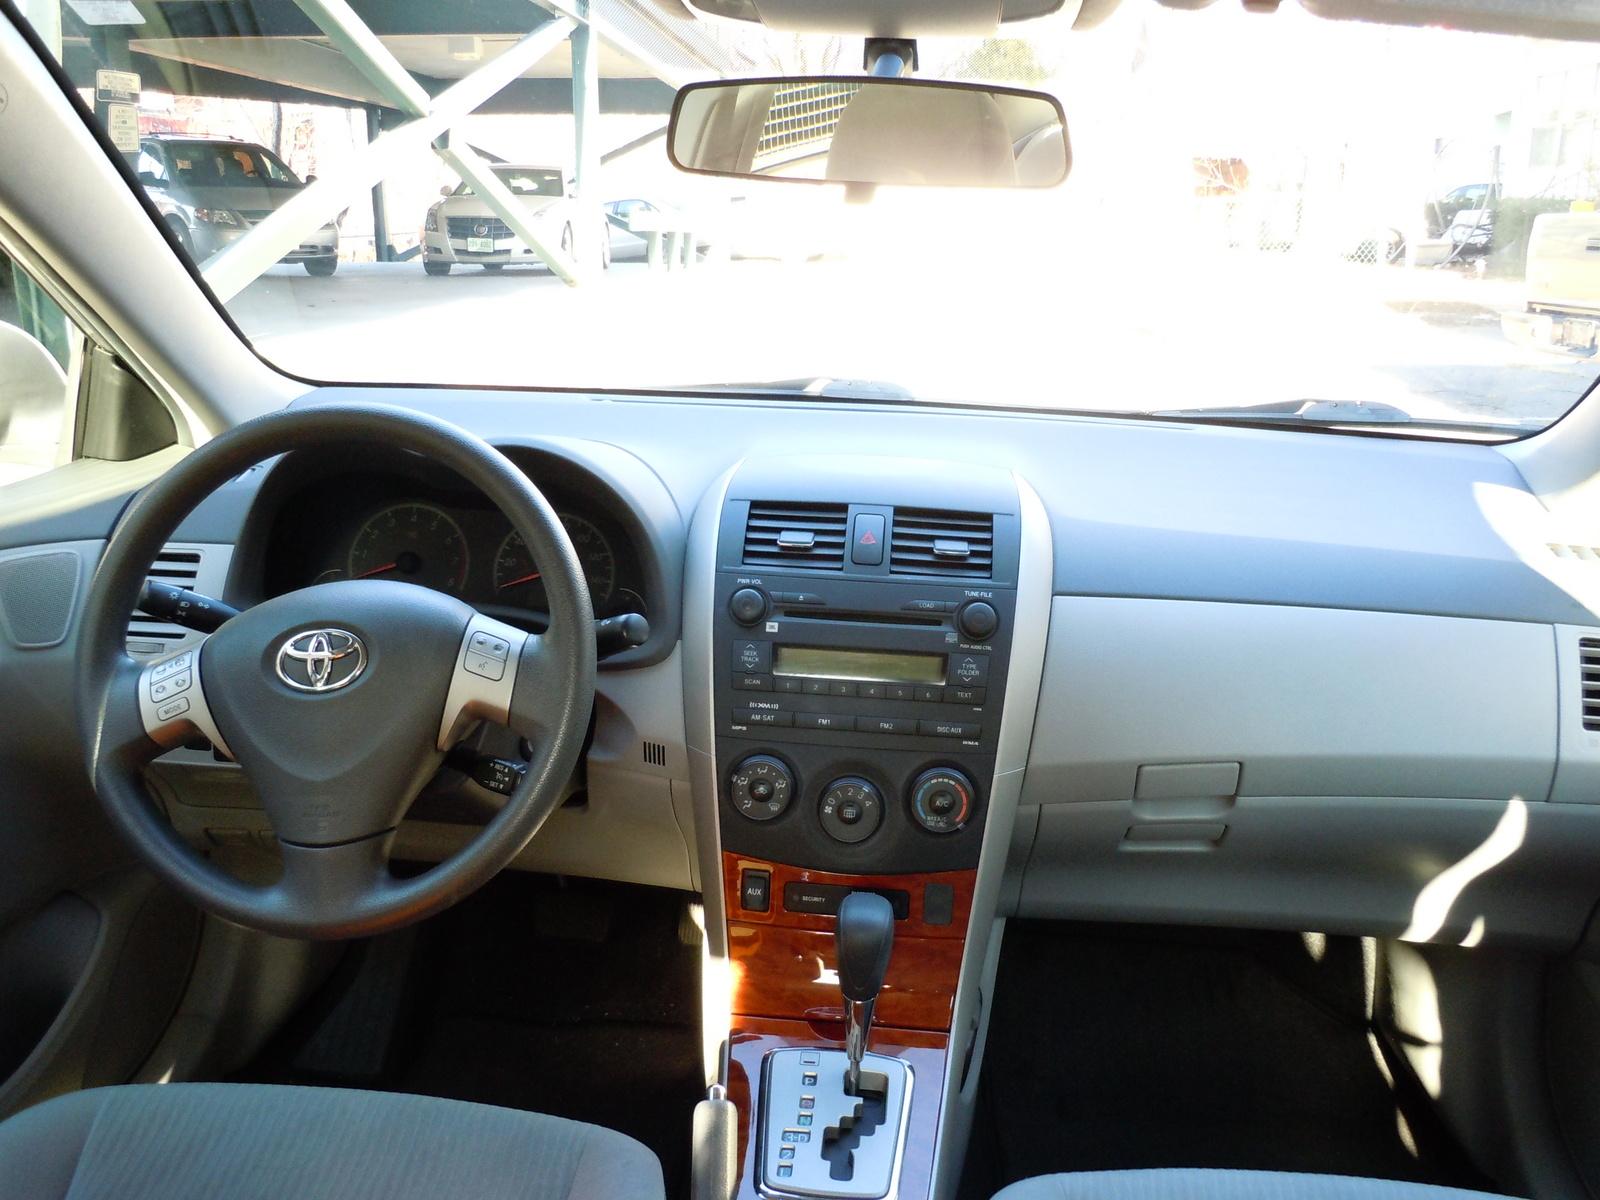 2009 Toyota Corolla Interior Pictures Cargurus